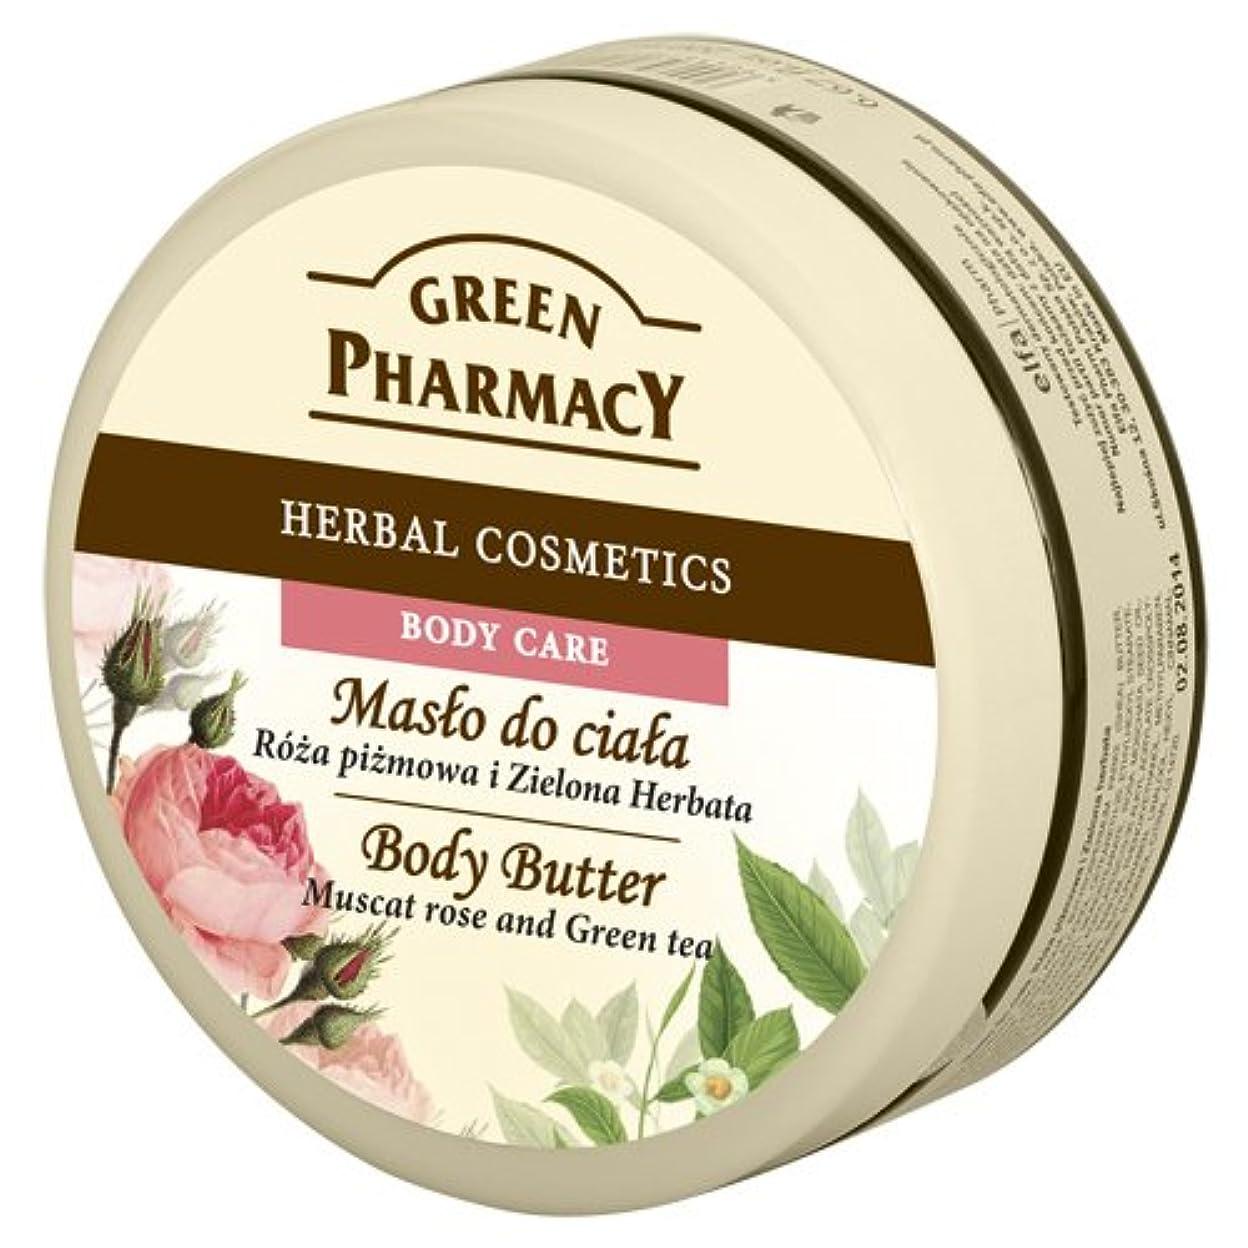 裁定影マトリックスElfa Pharm Green Pharmacy グリーンファーマシー Body Butter ボディバター Muscat Rose and Green Tea